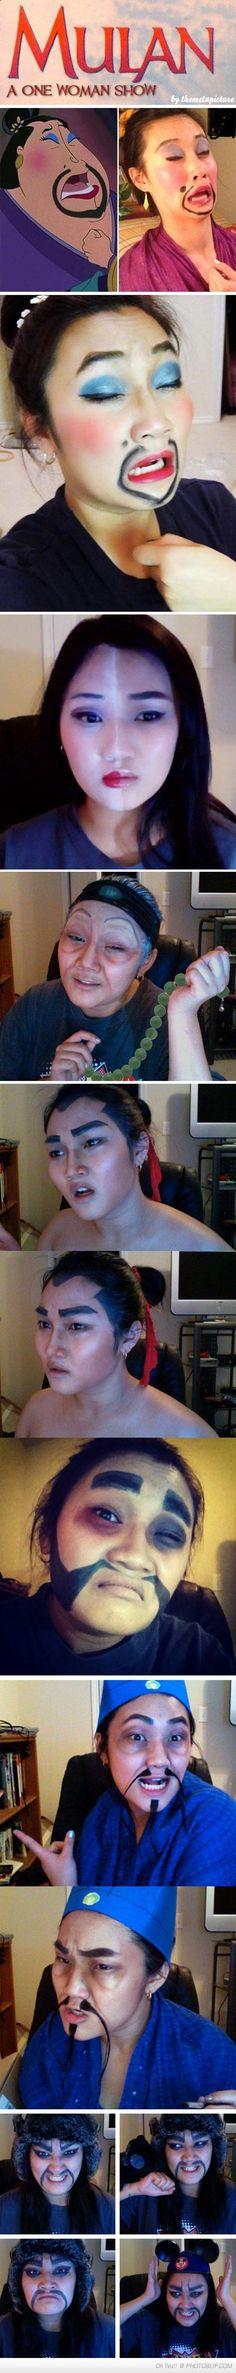 Bahahaha Mulan in real life